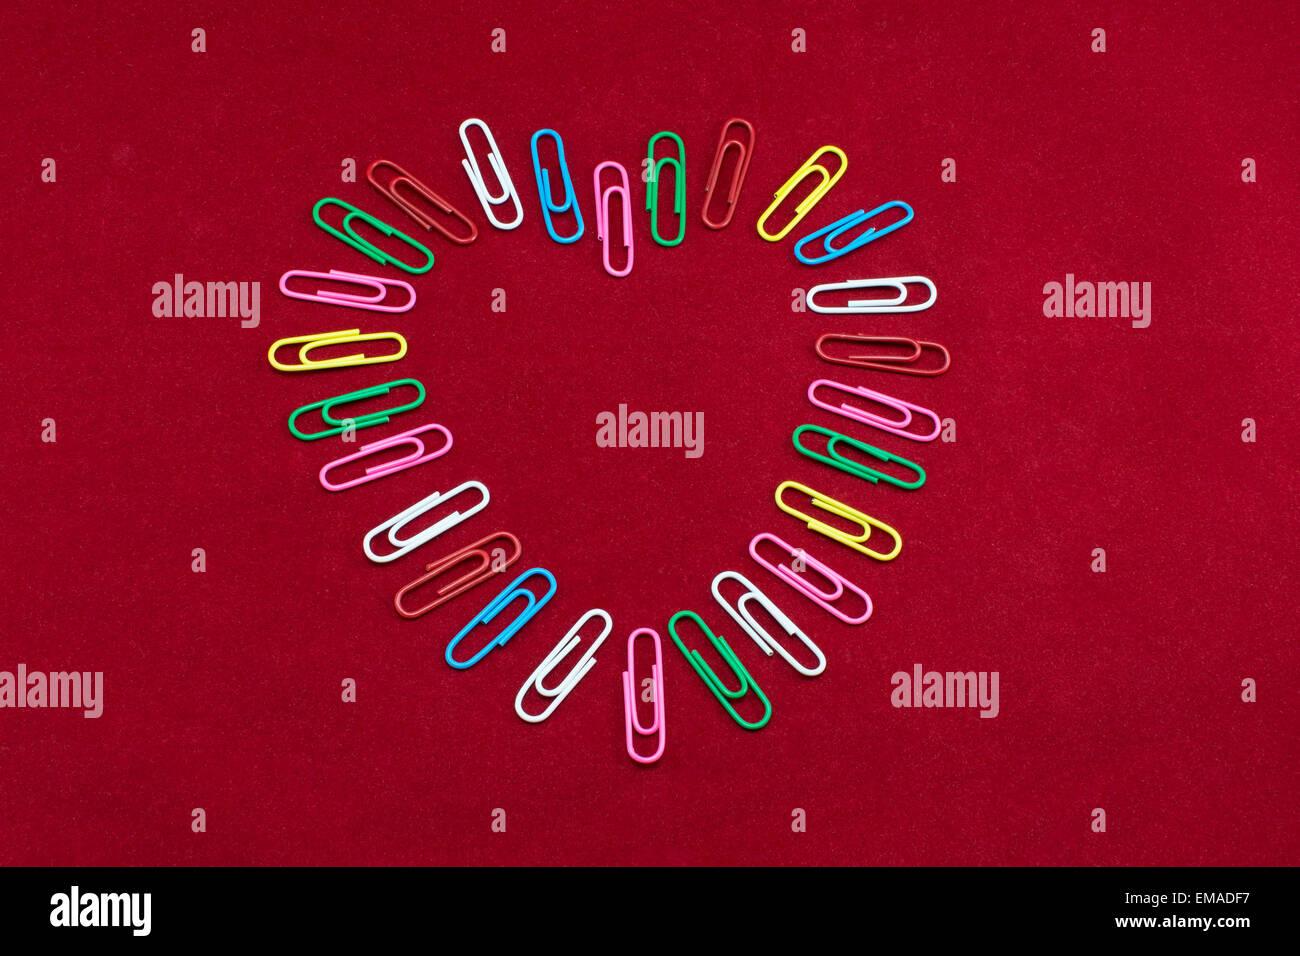 Clips de papier de couleur disposés pour former la forme d'un cœur. Photo Stock